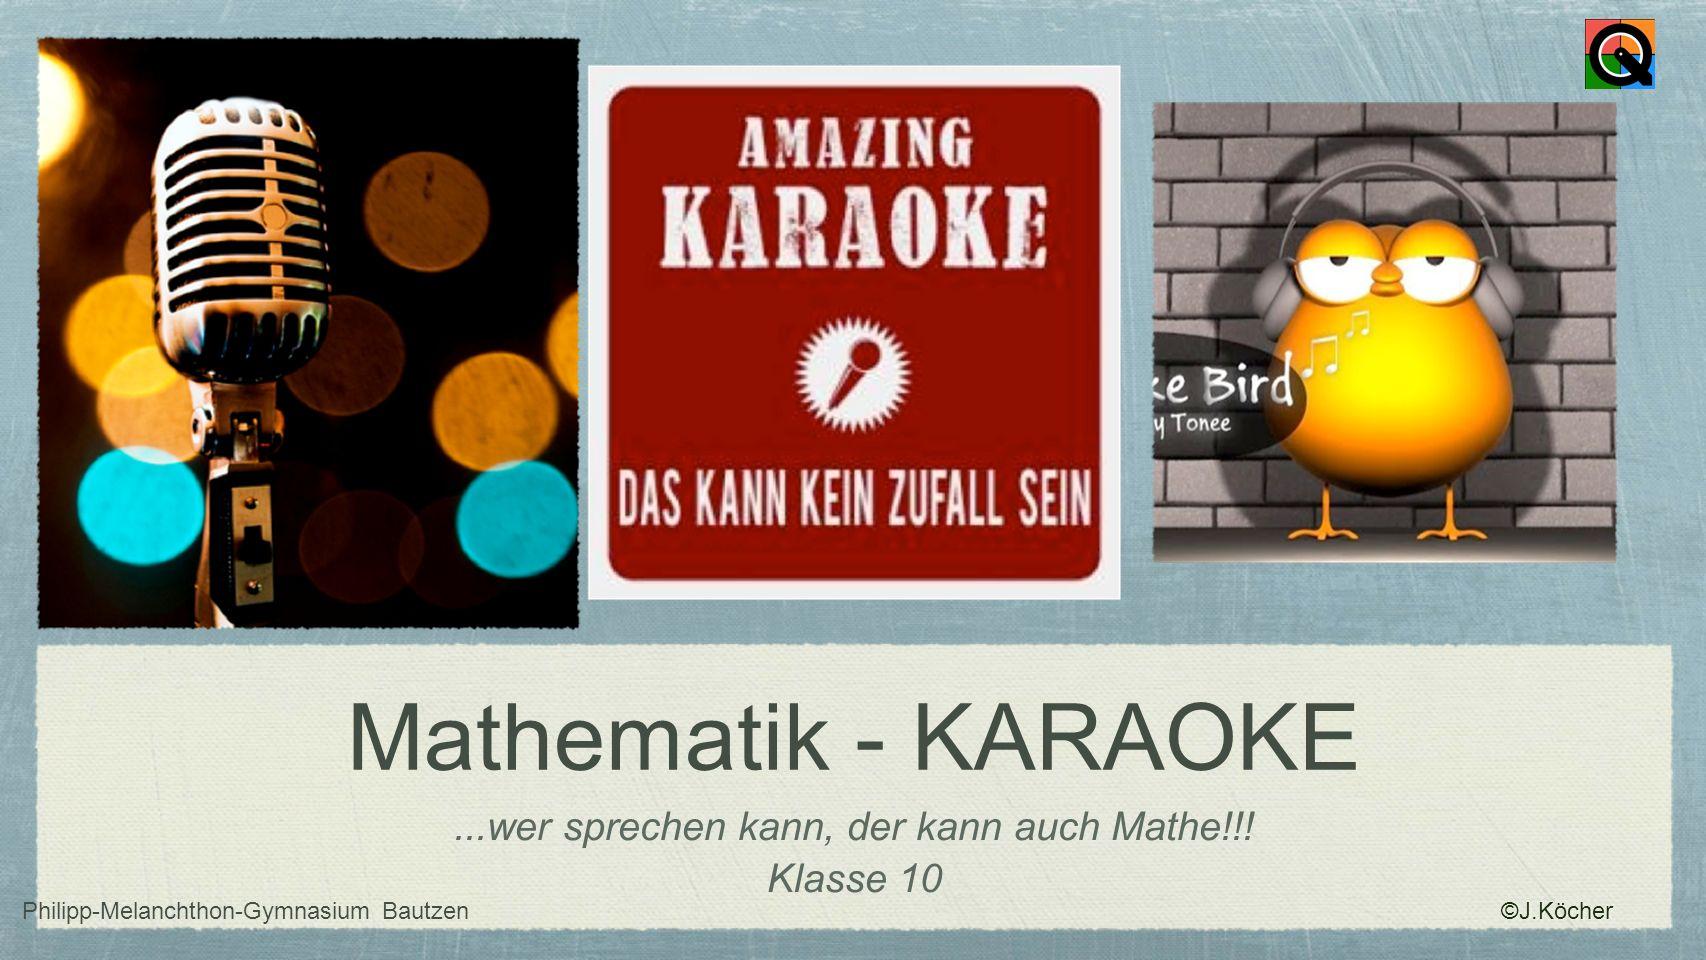 Mathematik - KARAOKE...wer sprechen kann, der kann auch Mathe!!! Klasse 10 Philipp-Melanchthon-Gymnasium Bautzen ©J.Köcher